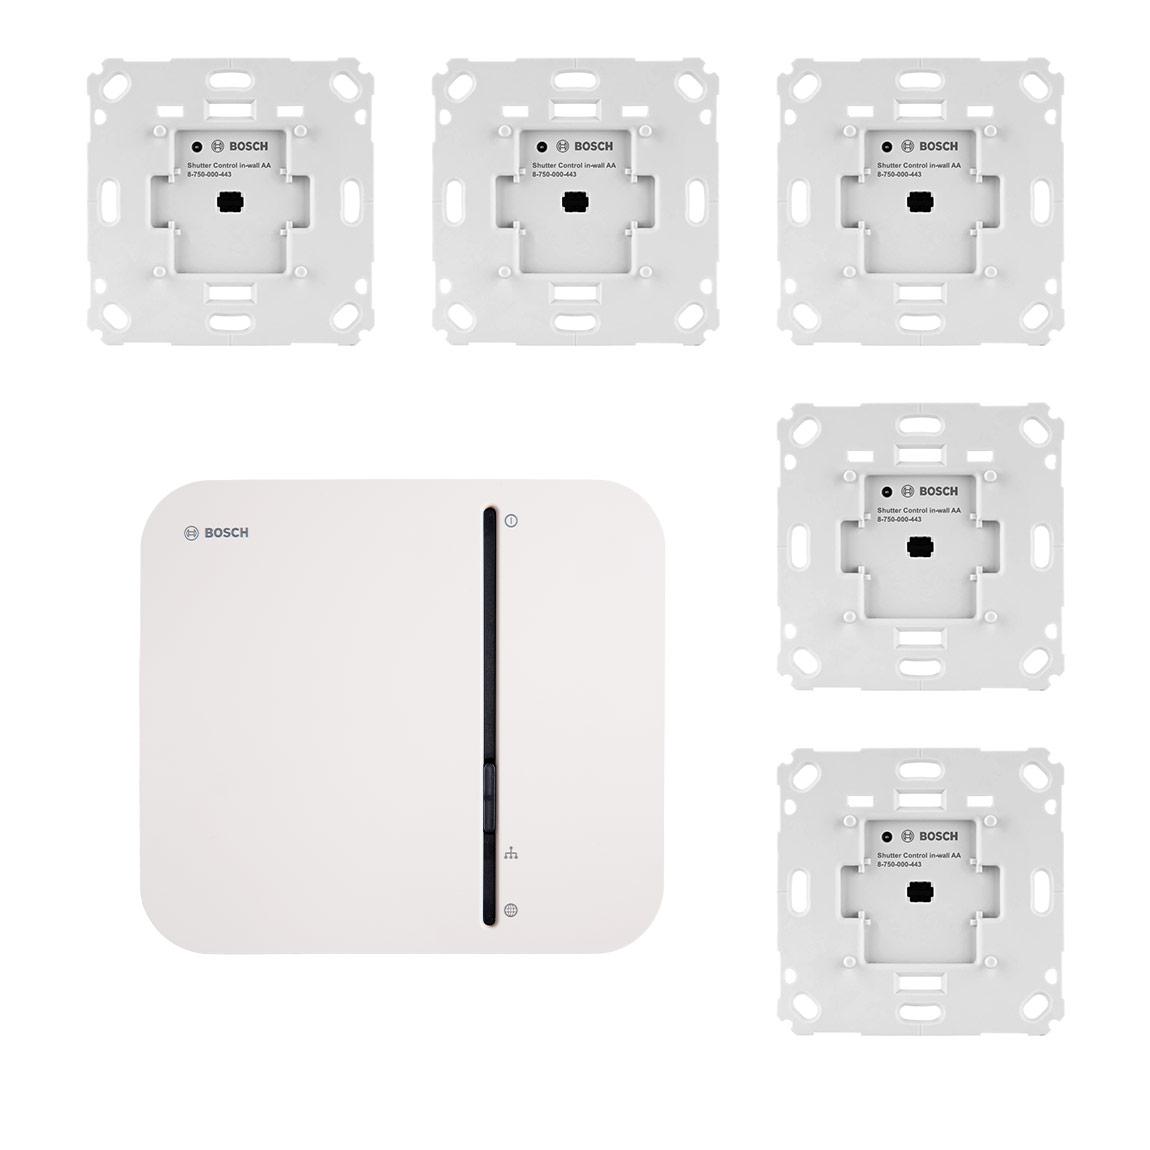 Bosch Smart Home – Starter Set Rollladensteuerung mit 5 Unterputz-Aktoren